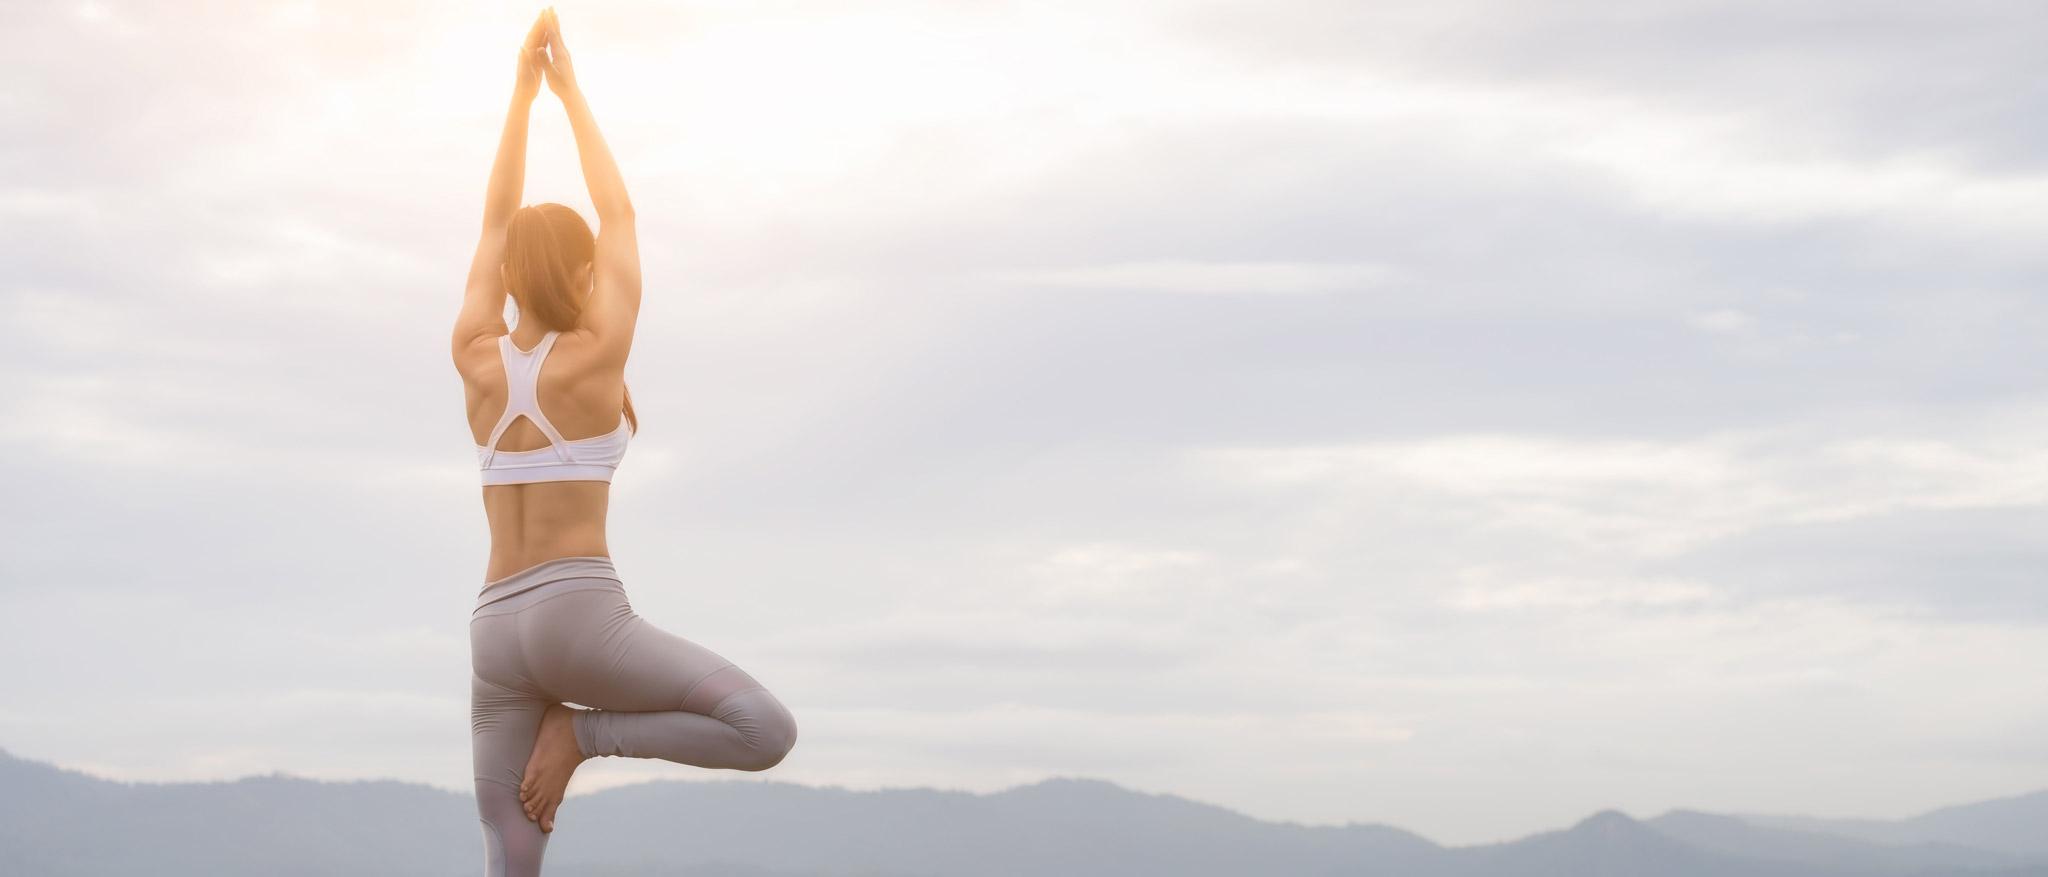 Йога Айенгара это путь к красоте, хорошему самочувствию, энергии и внутреннему спокойствию